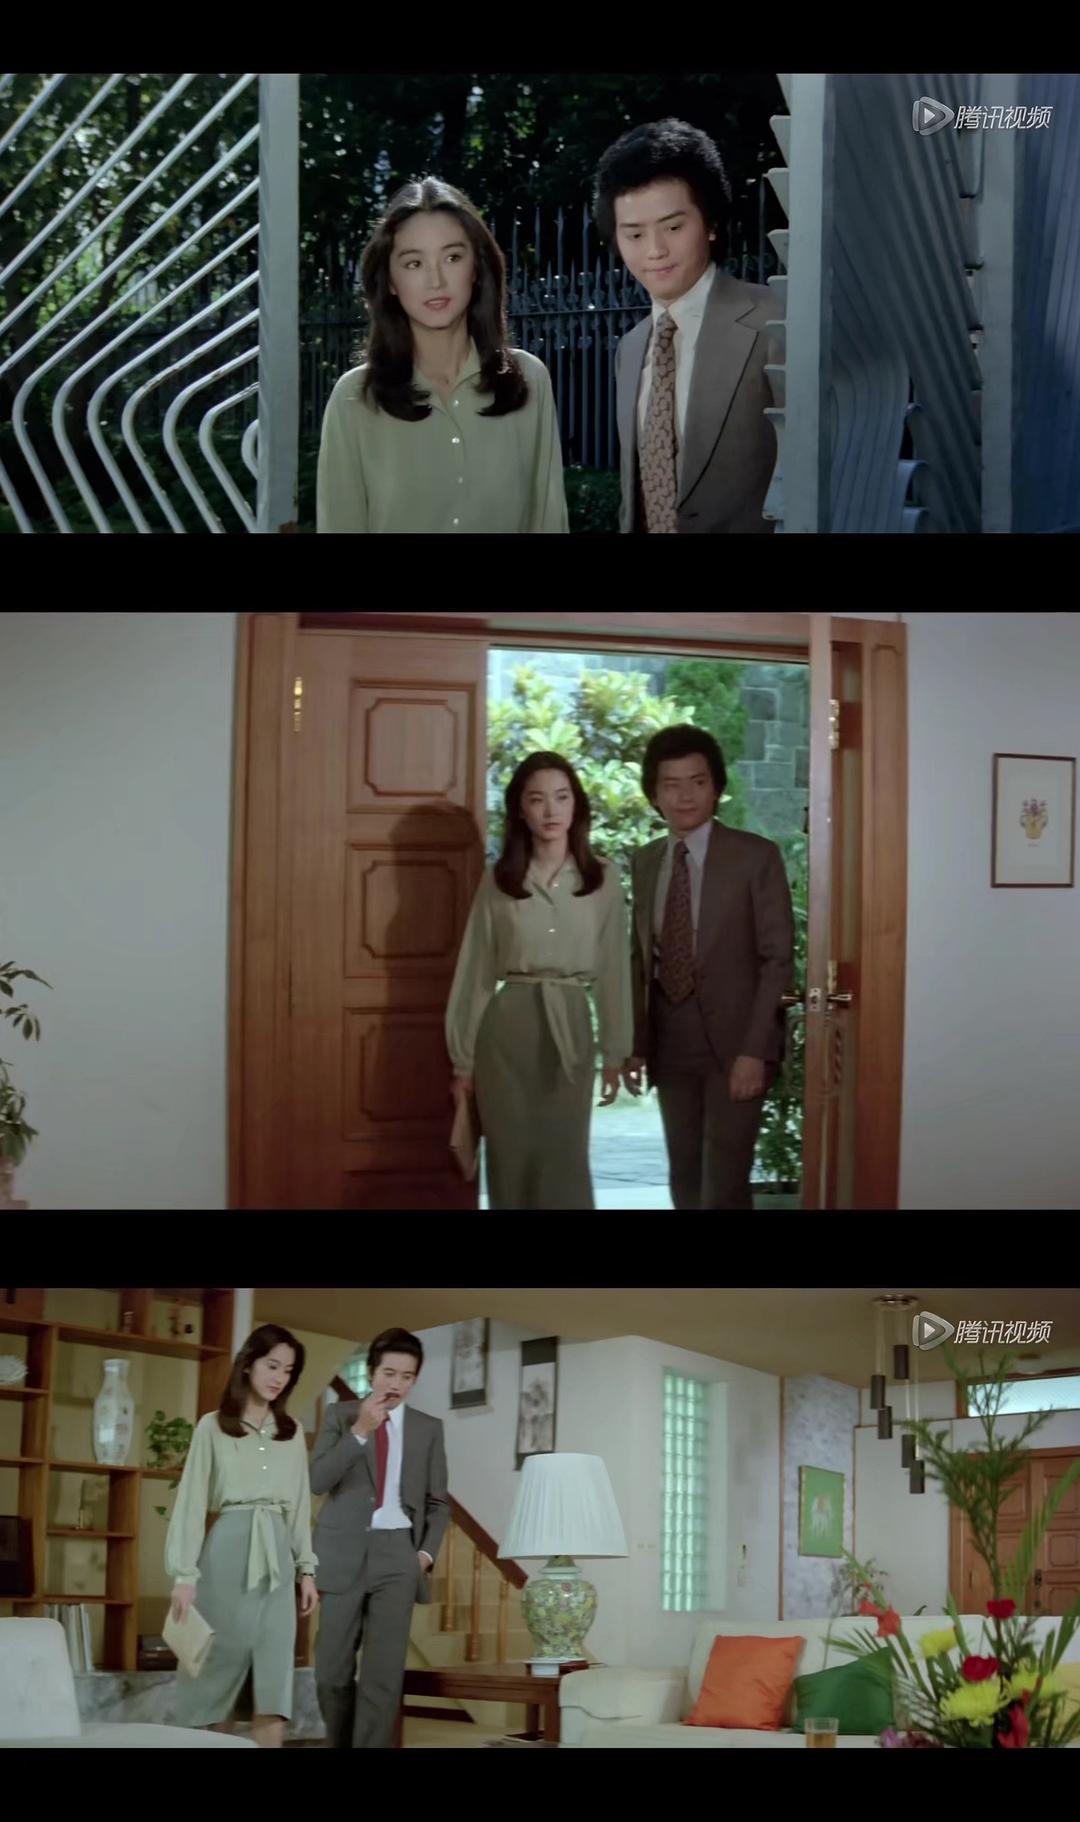 林青霞在《金盏花》里的私服穿搭真的好美,很有自己的味道